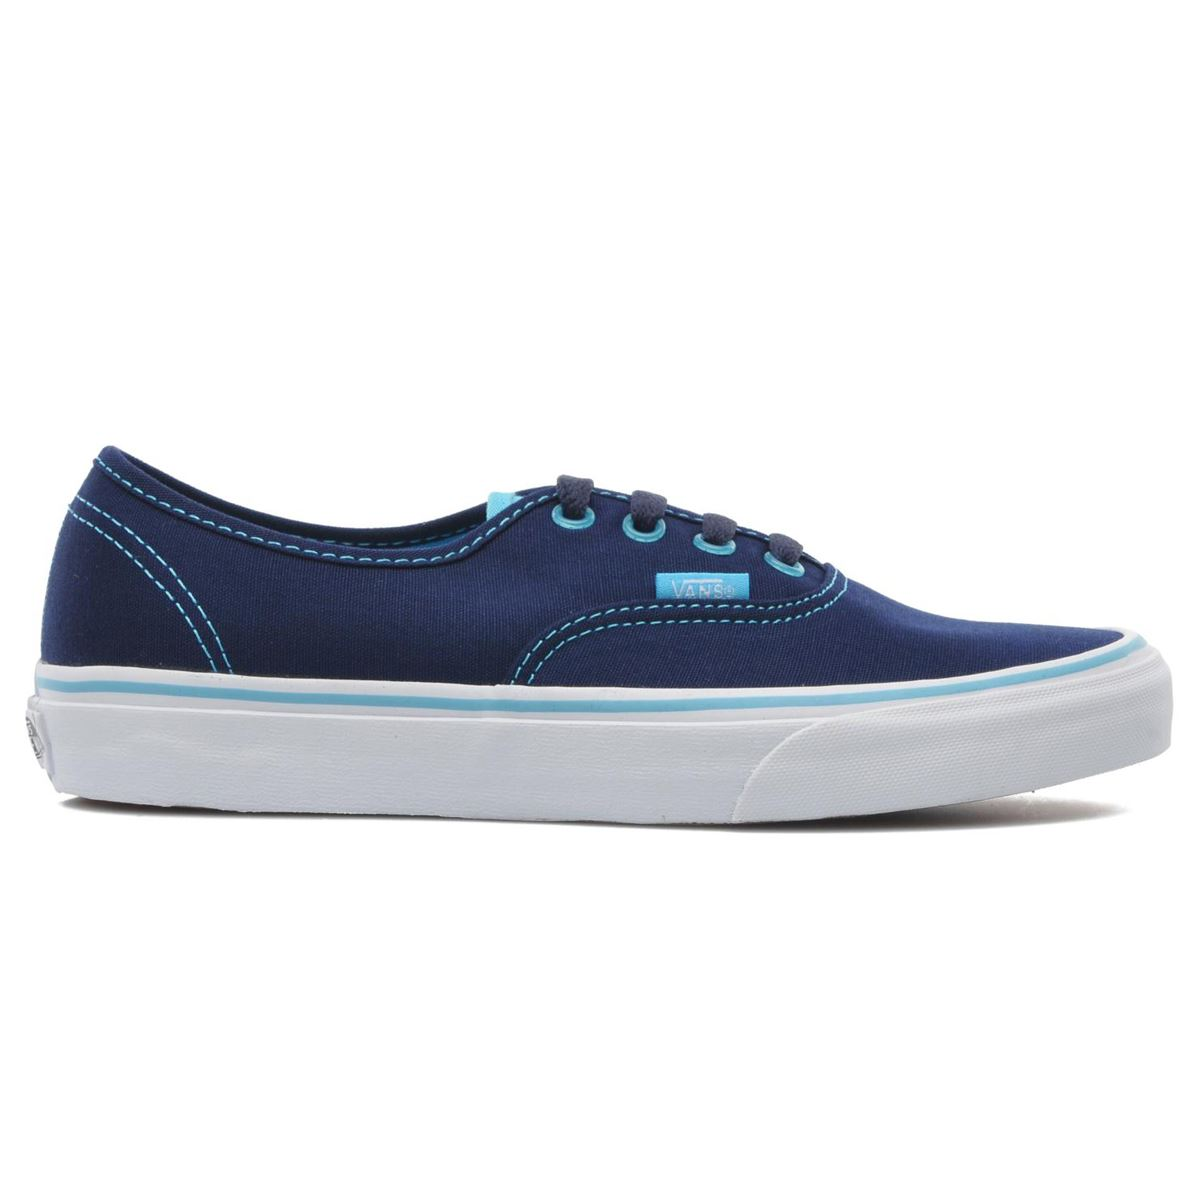 zapatillas vans azul claro mujer